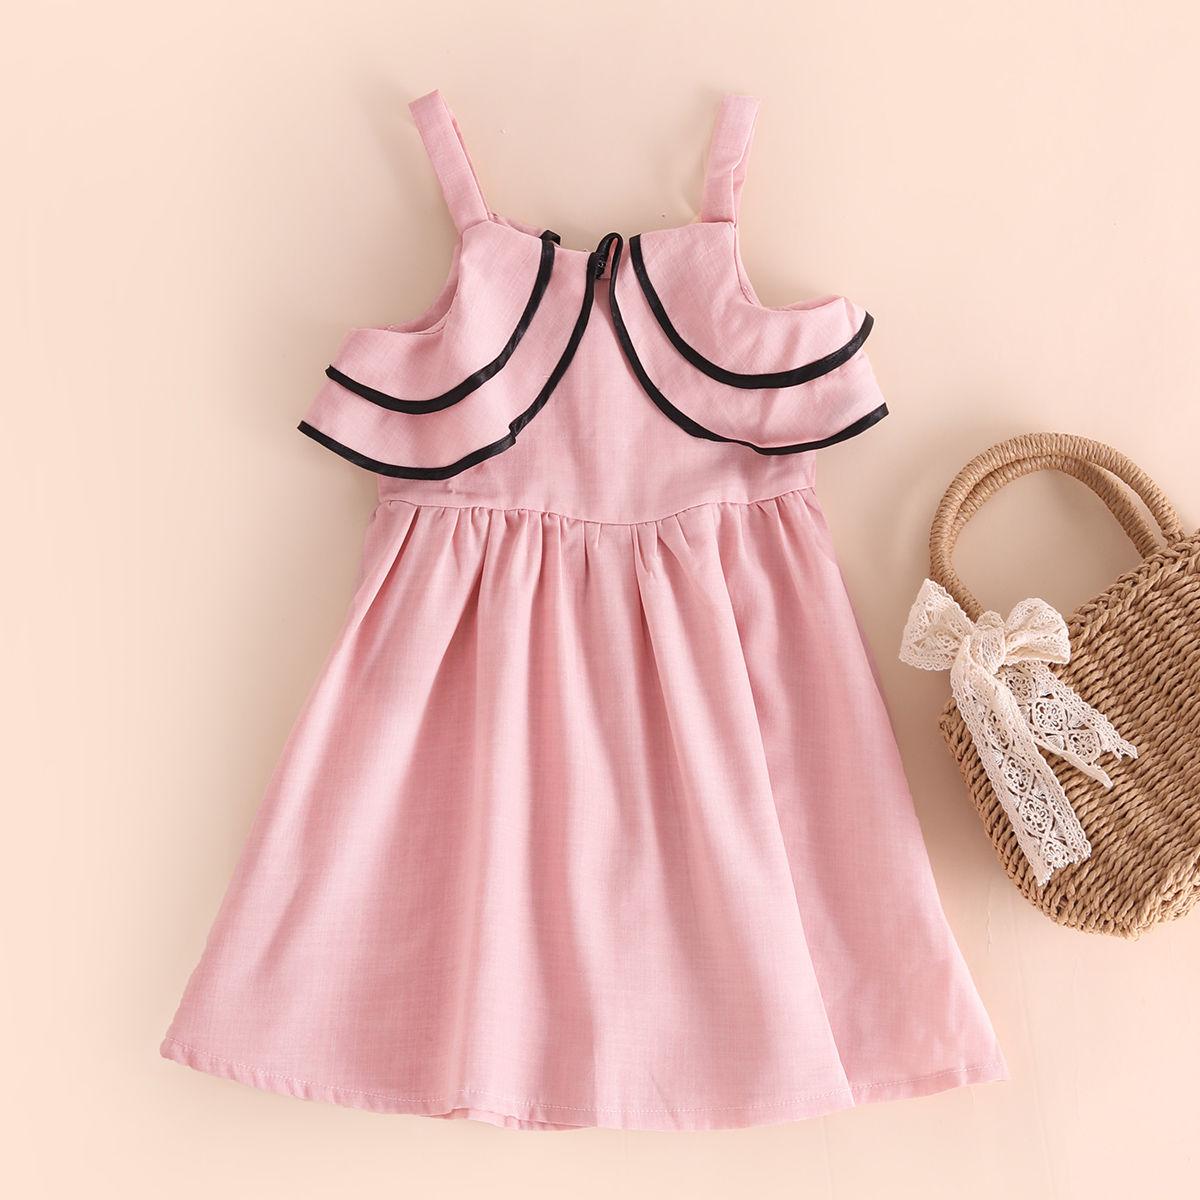 小虎帕蒂女童吊带裙夏季中小童洋气连衣裙甜美公主裙